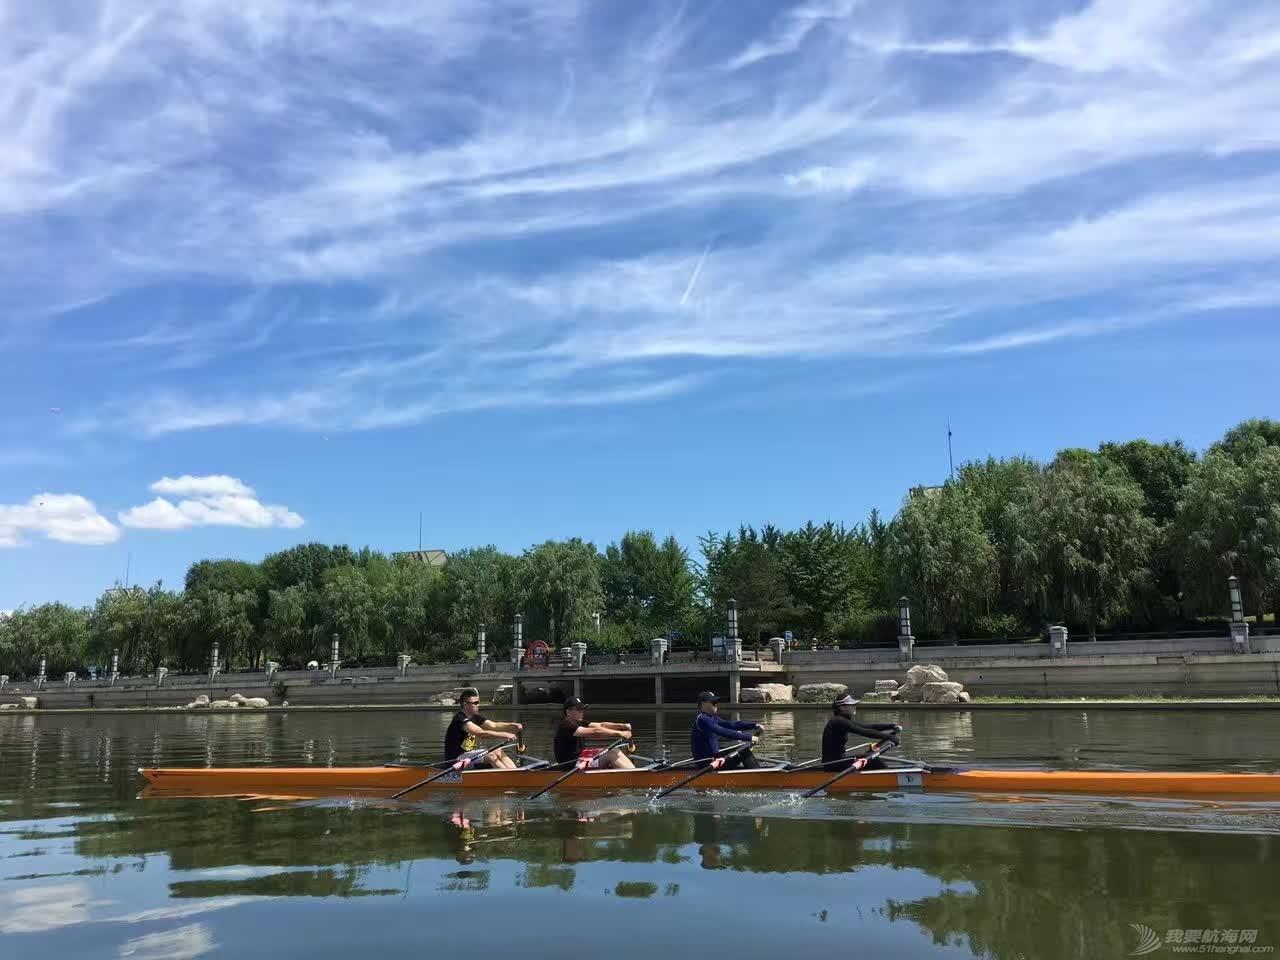 北京运河游艇会 赛艇